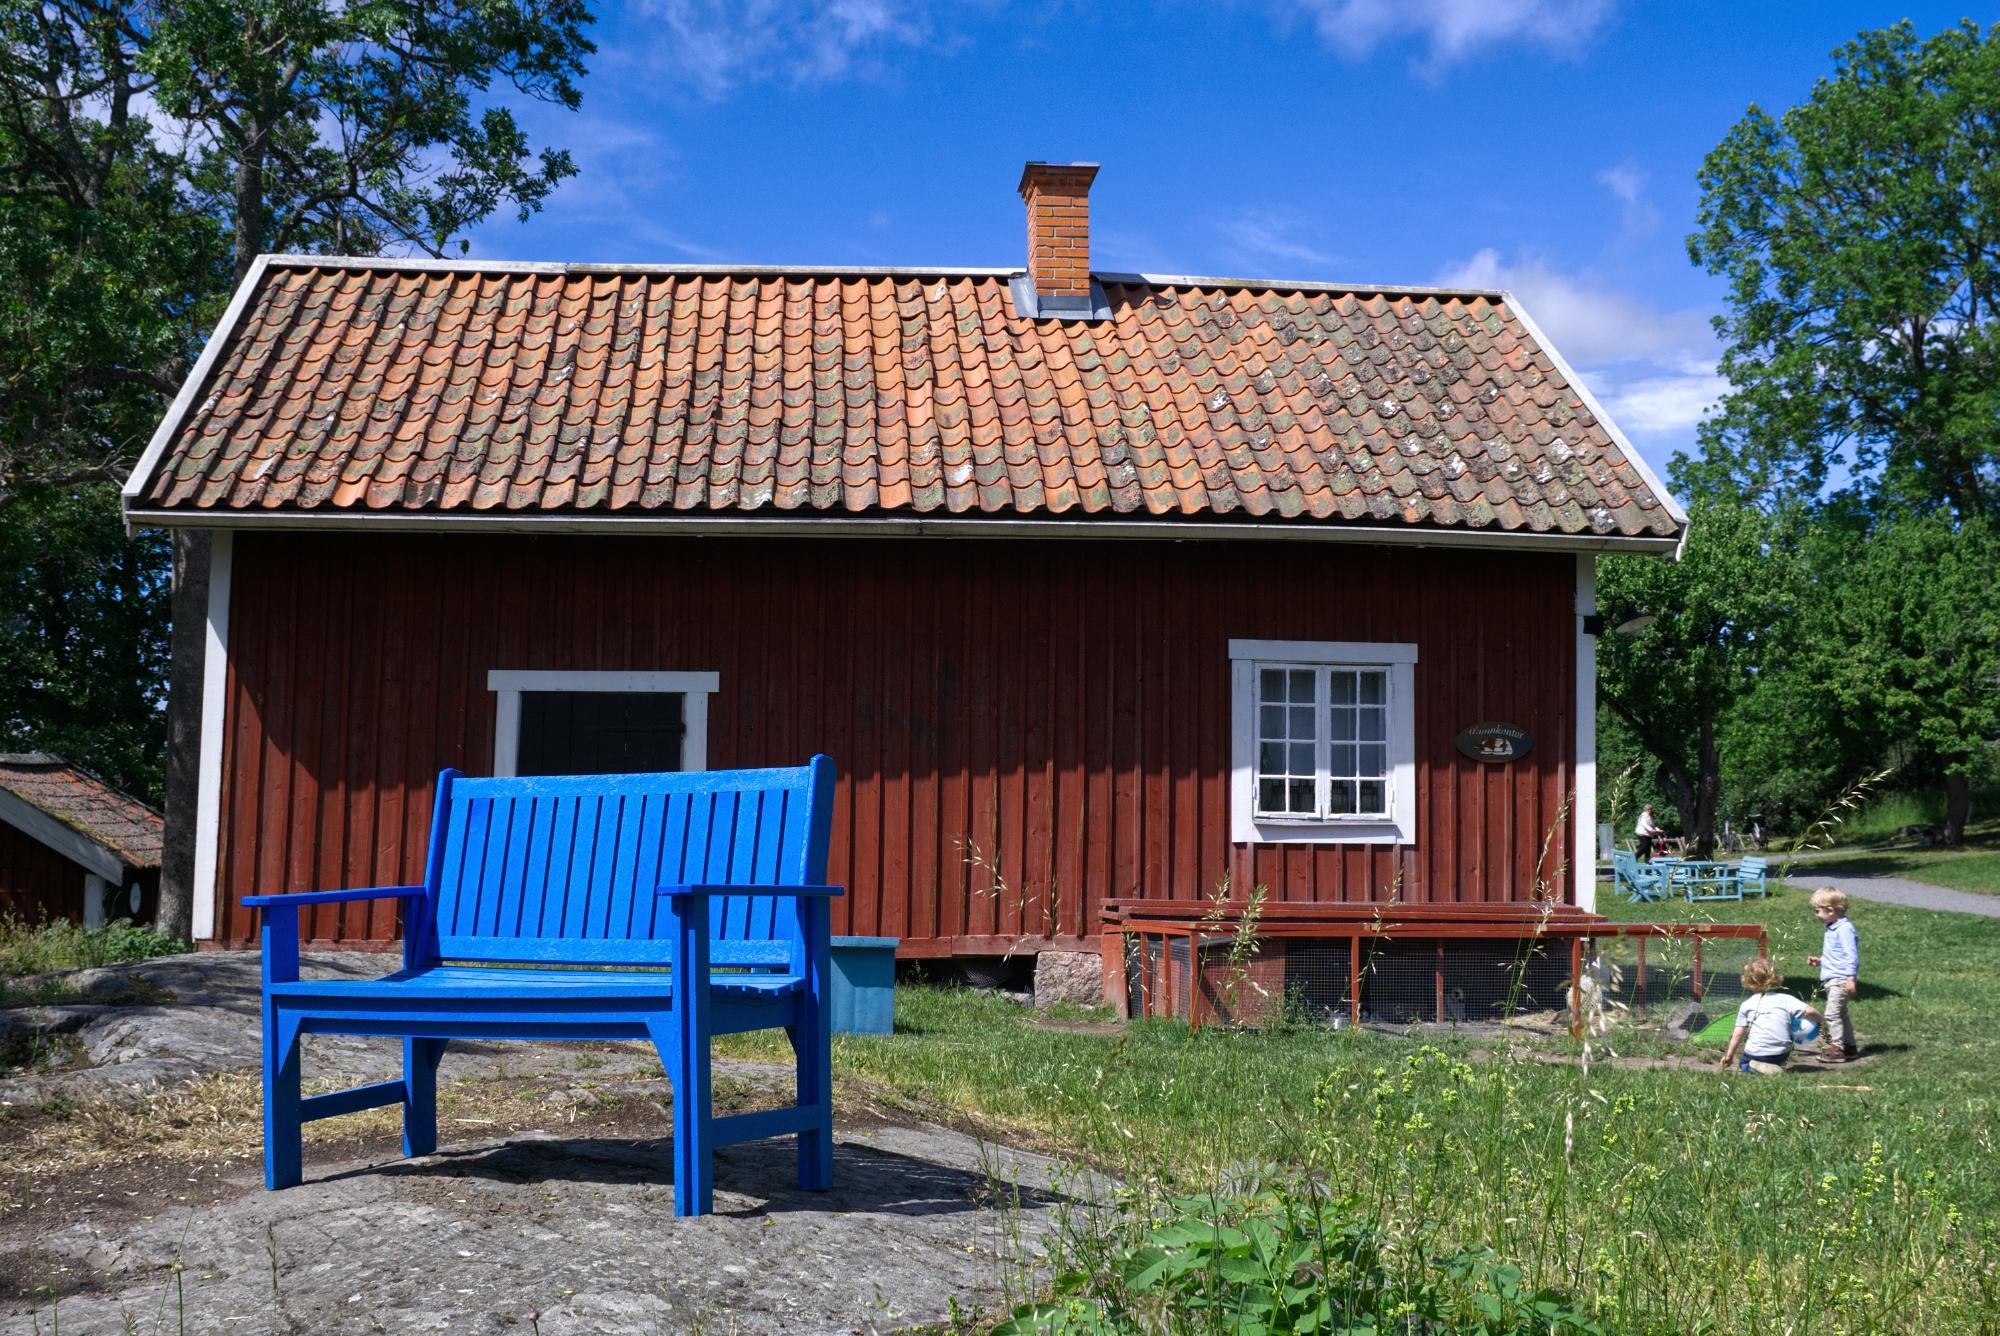 Blue bench - photography, sweden - marcushammerschmitt   ello